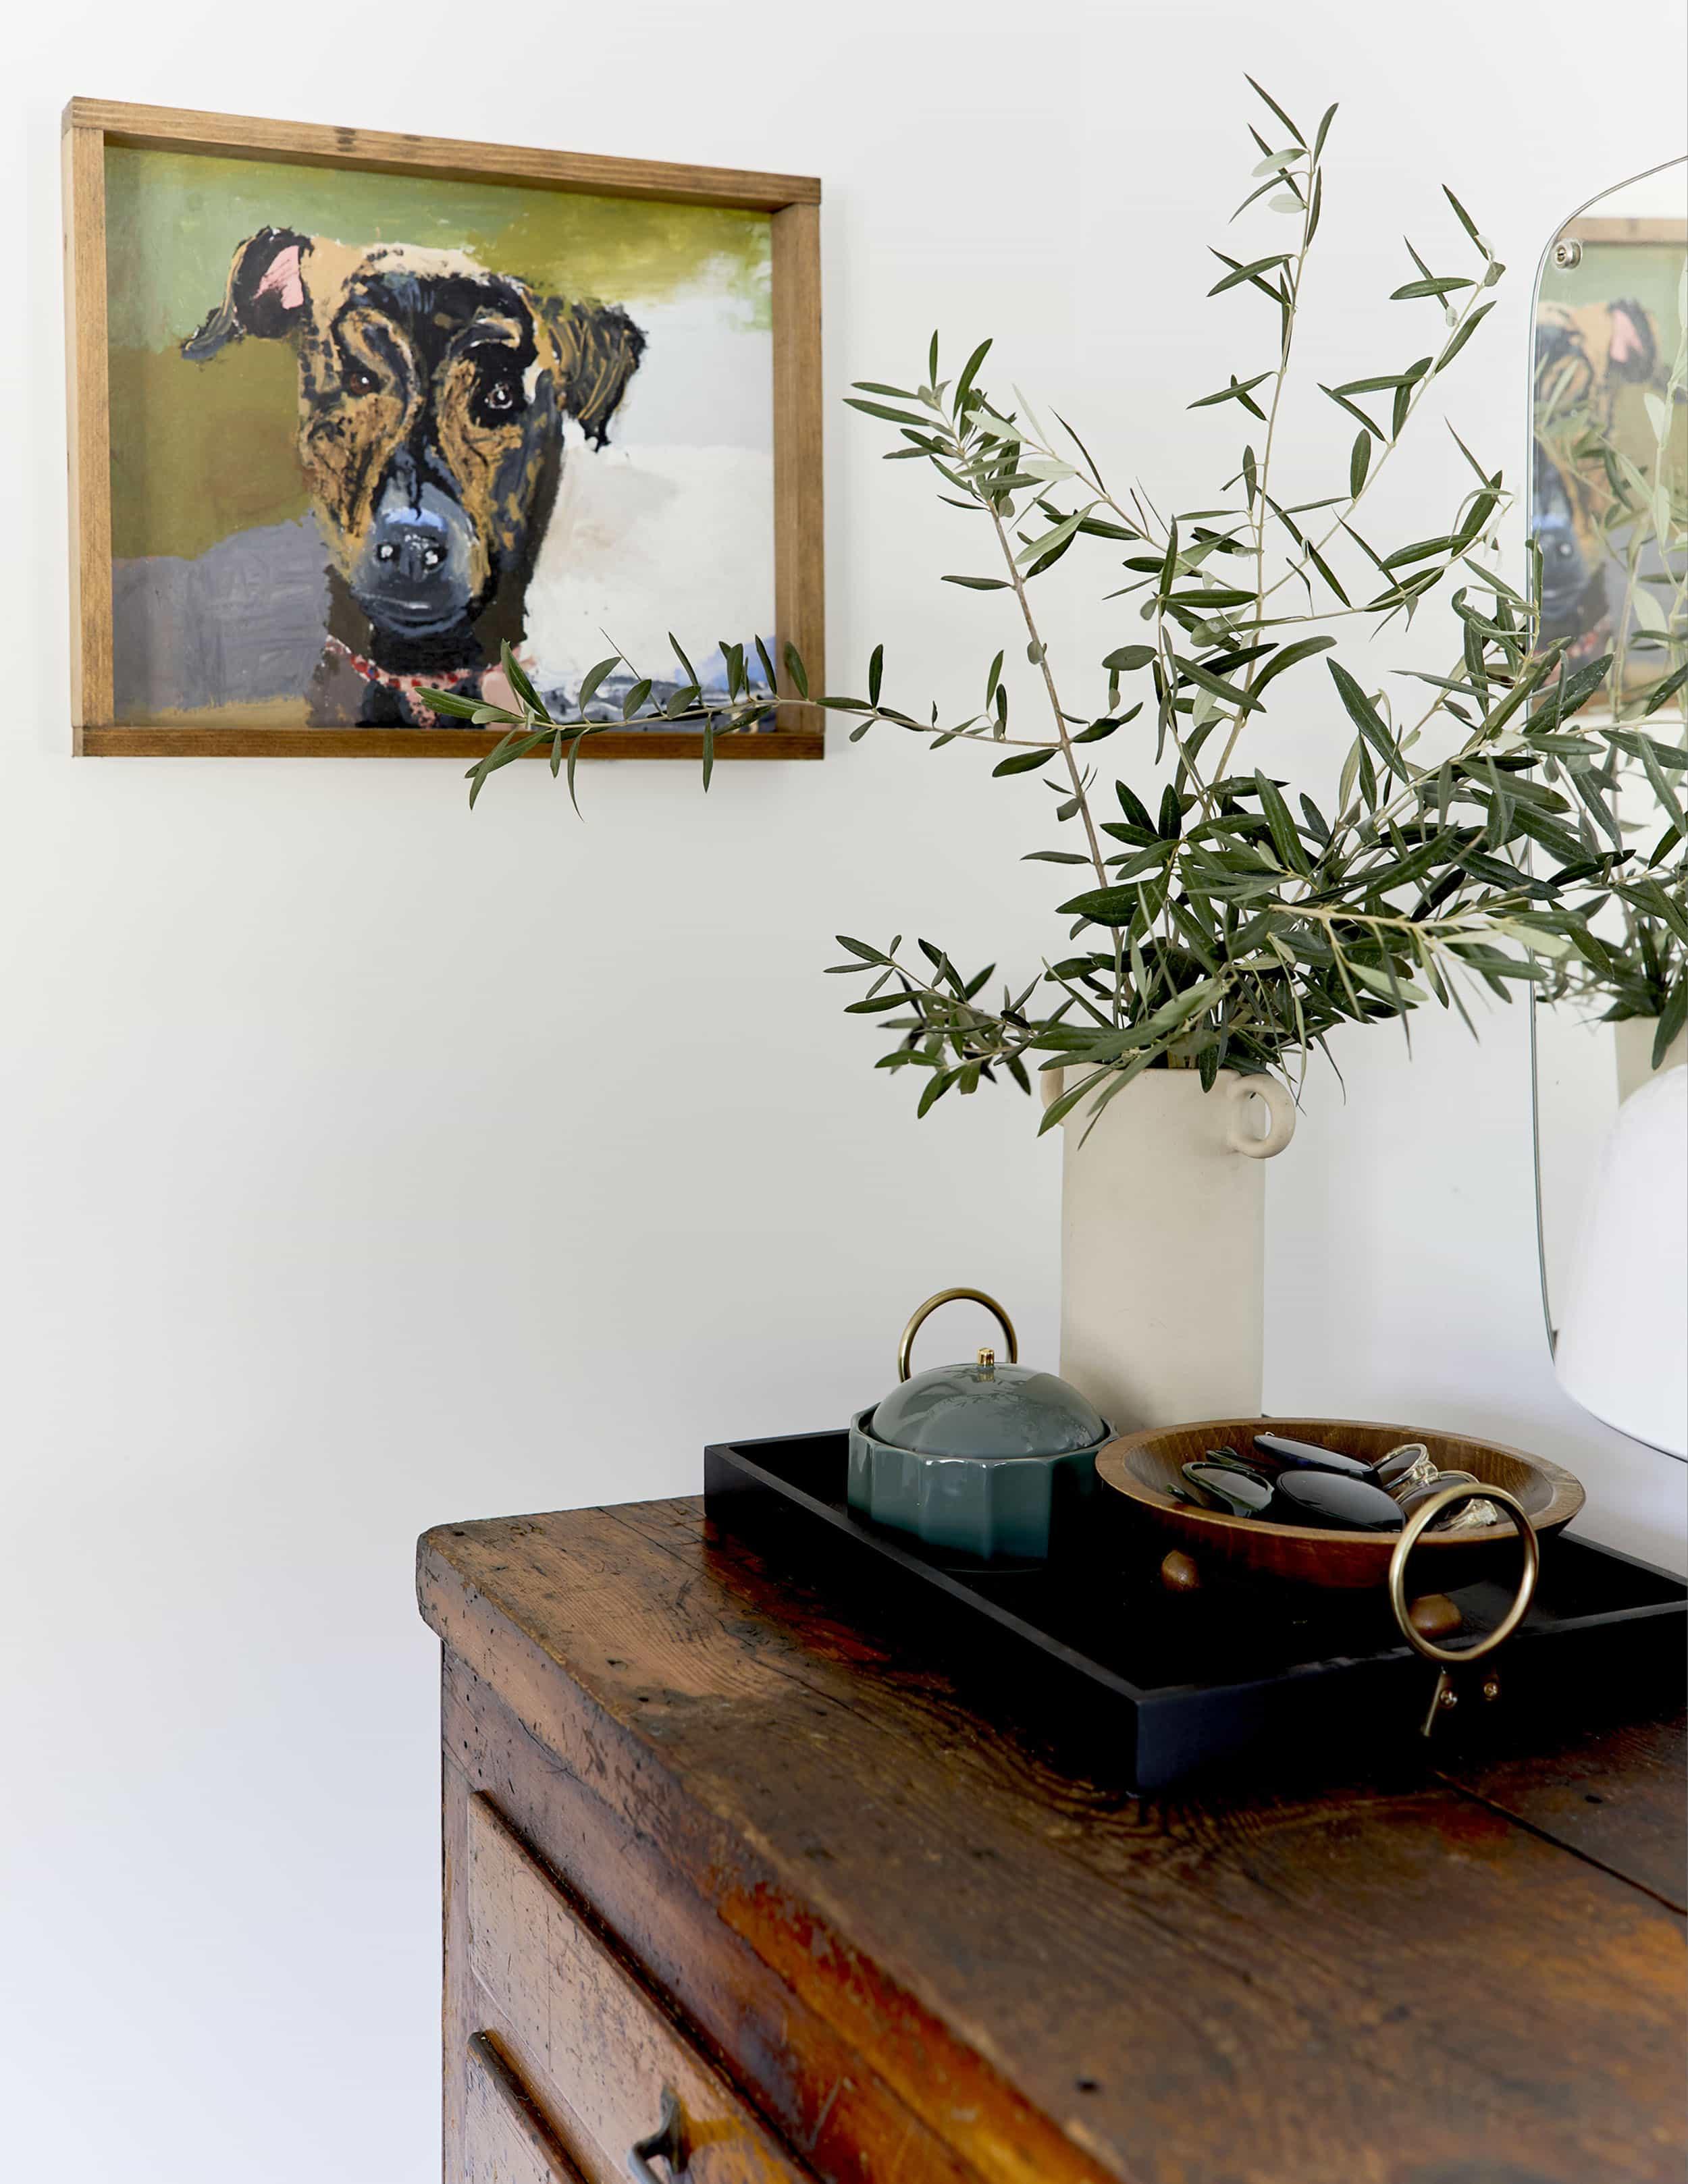 Emilybowserdiningroomlivingroom24